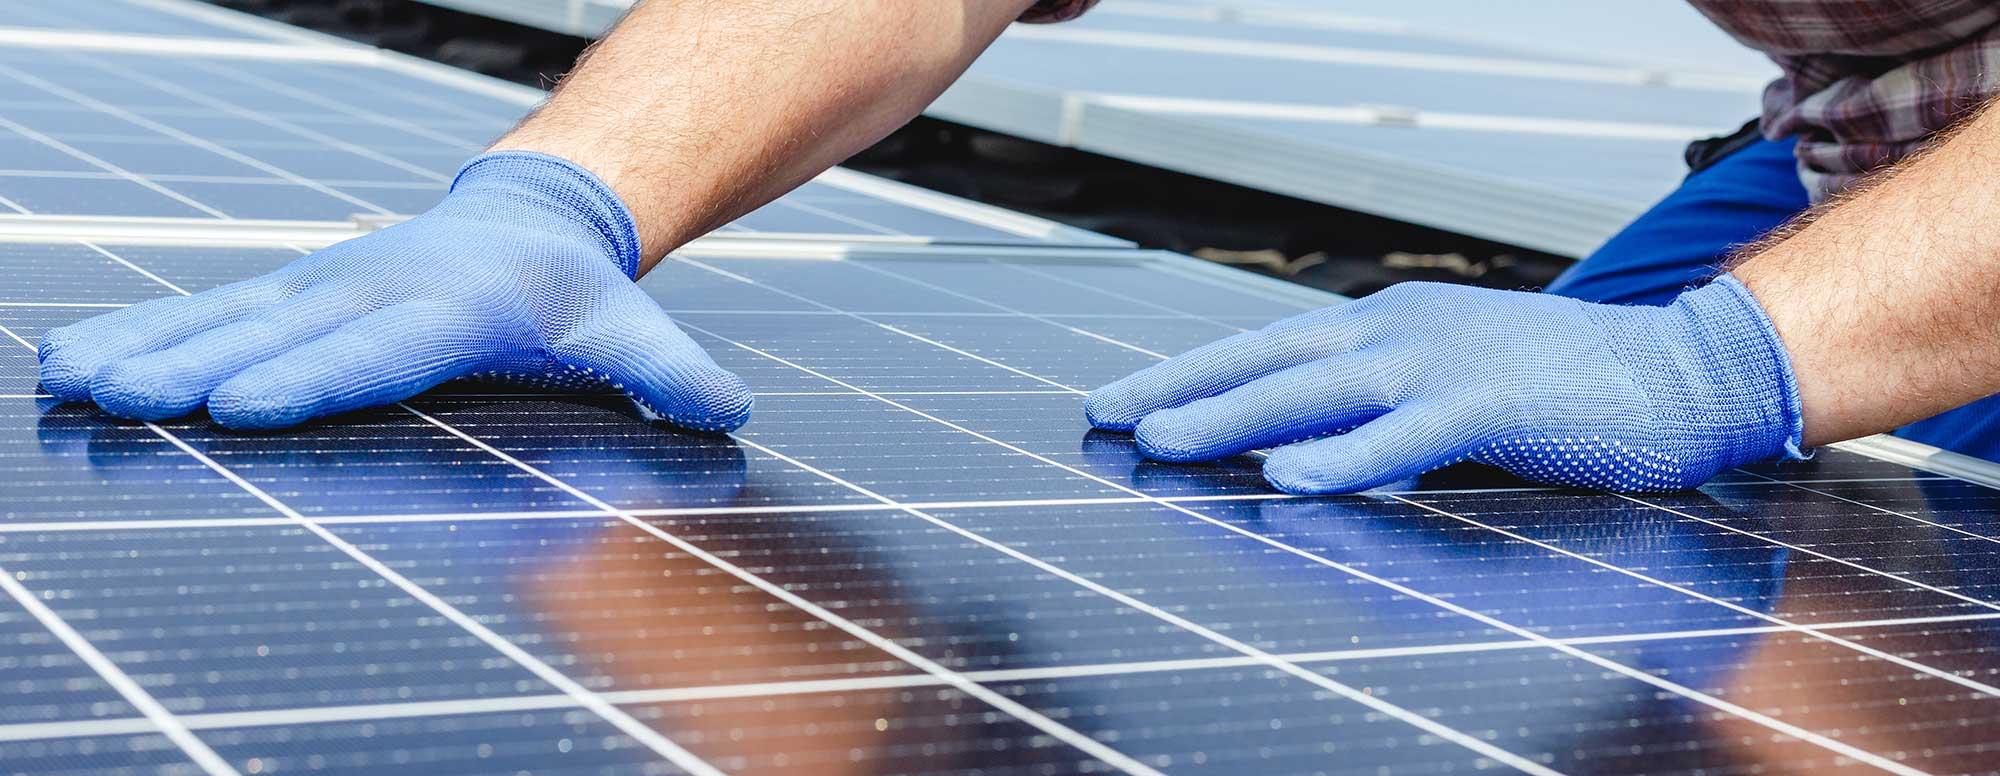 Photovoltaik-Anlagen